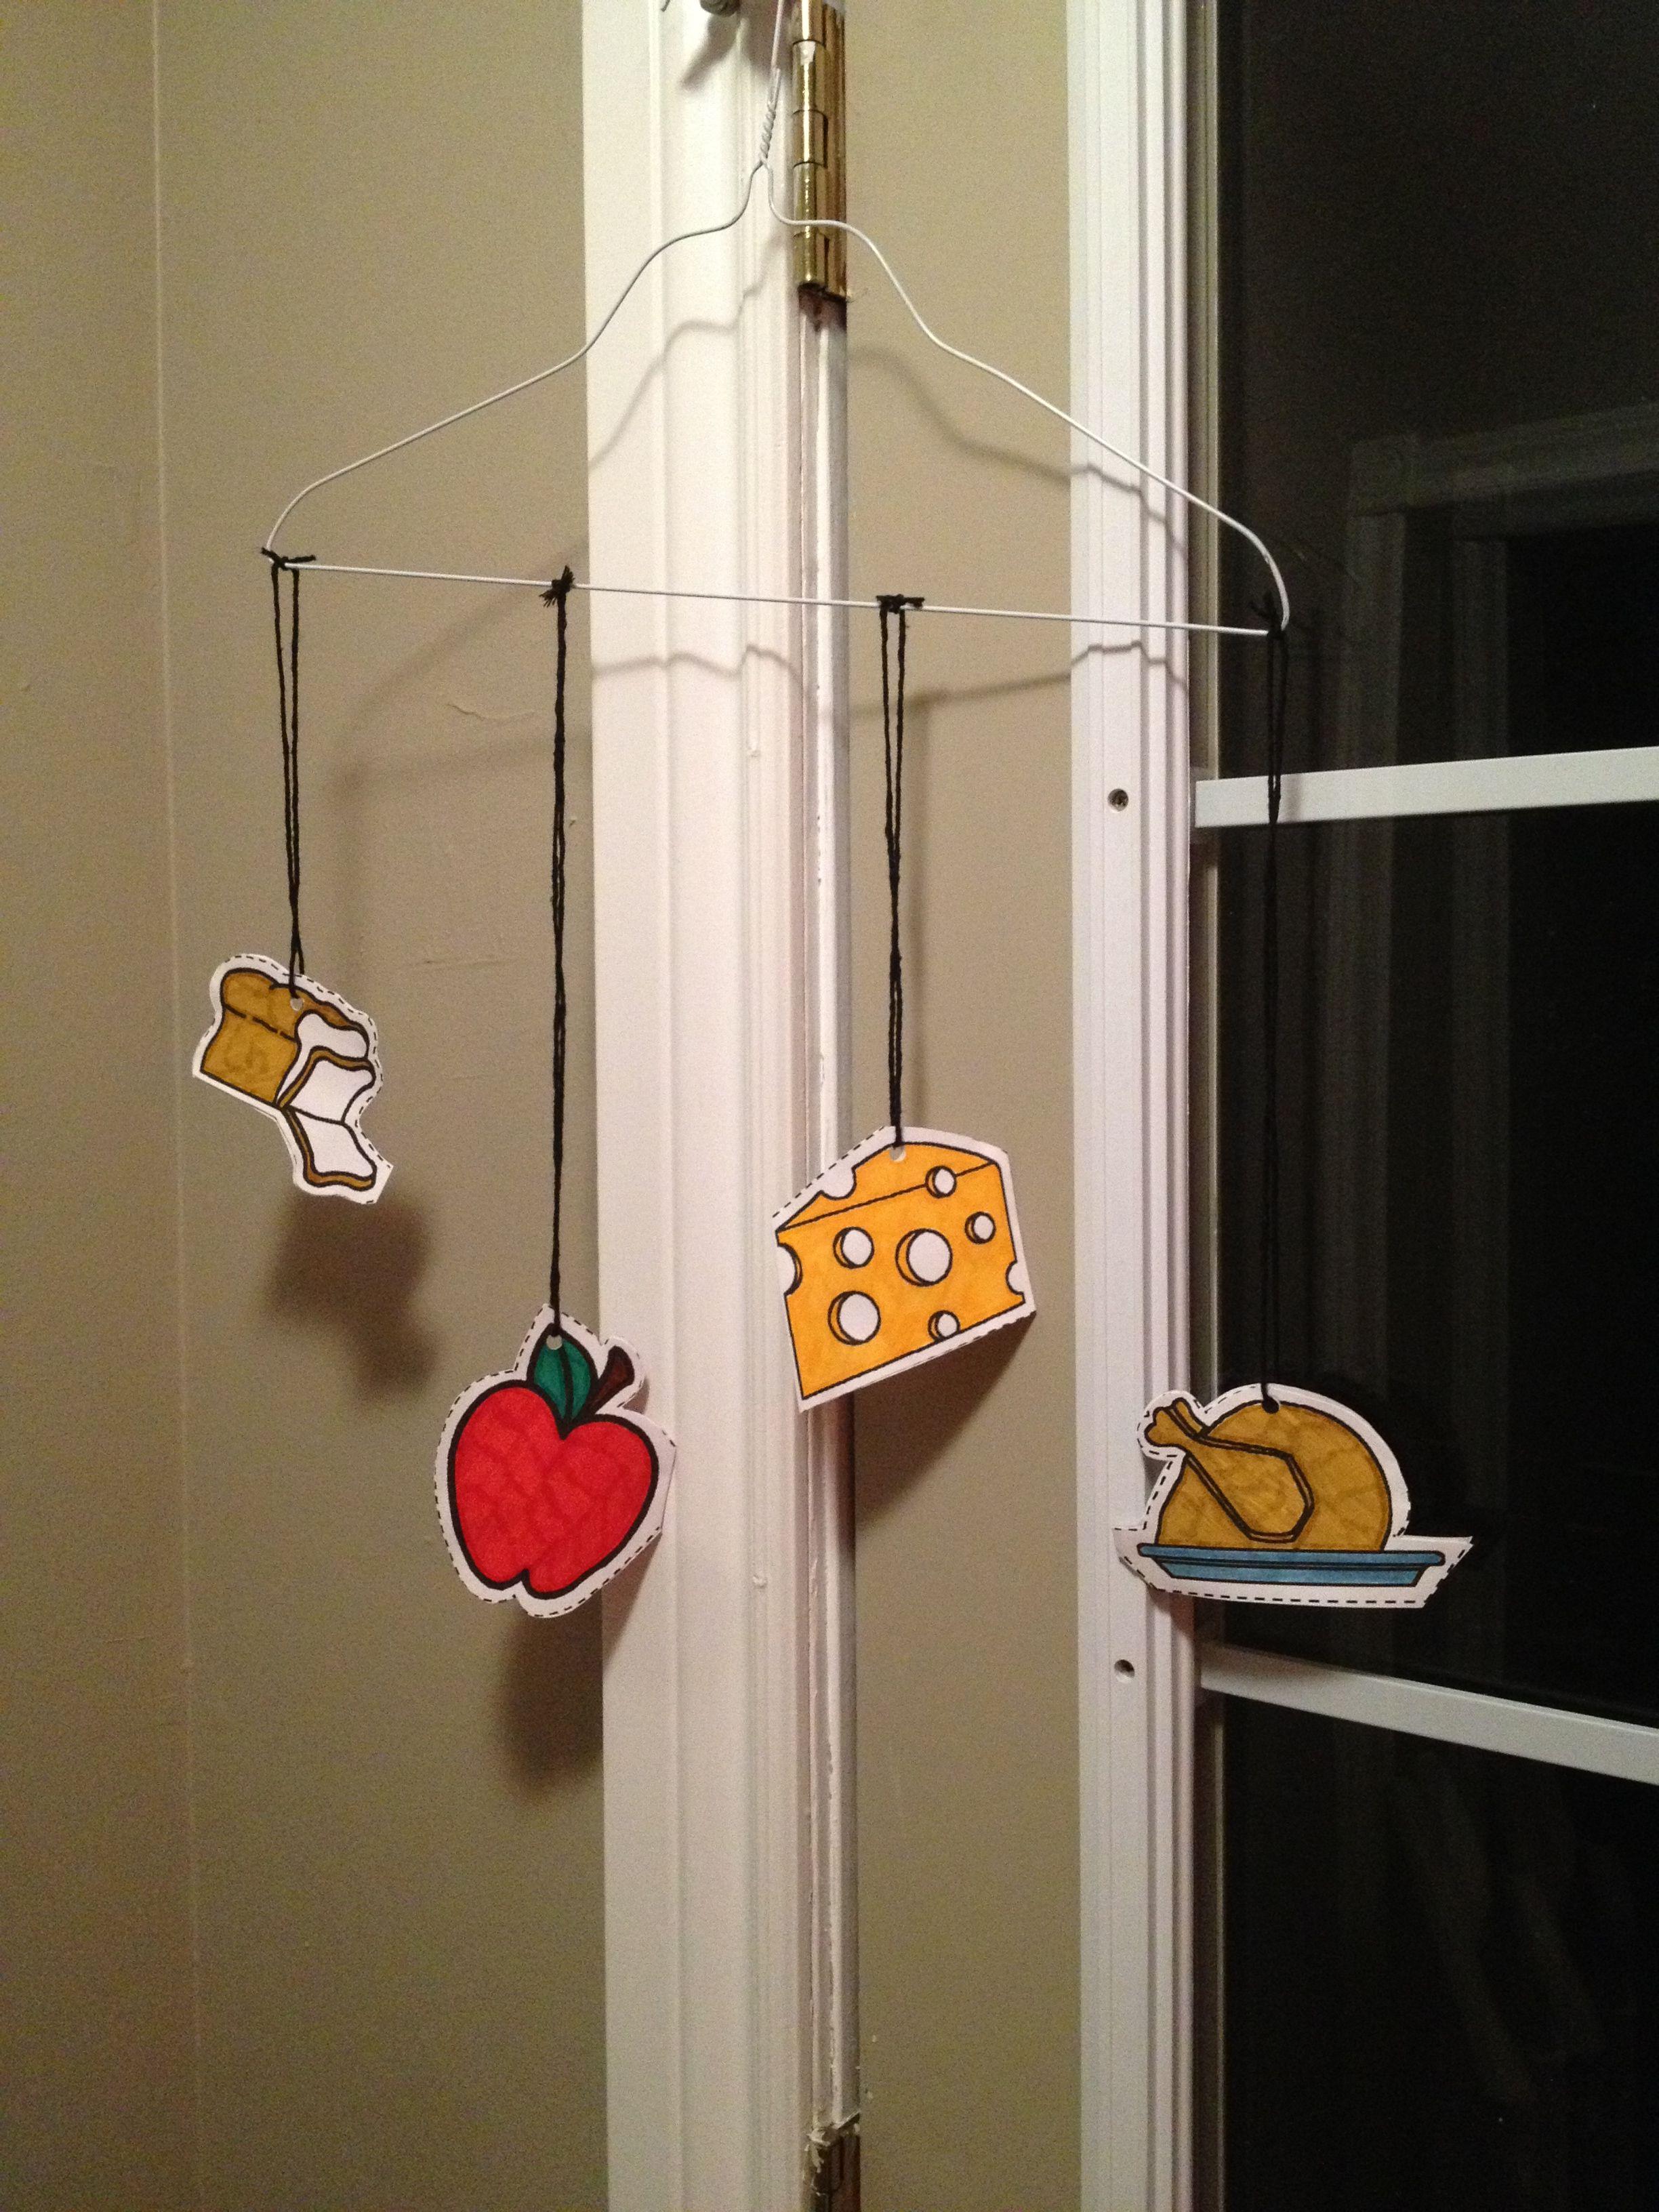 Food group nutrition mobile http://www.dltk-kids.com/crafts ...